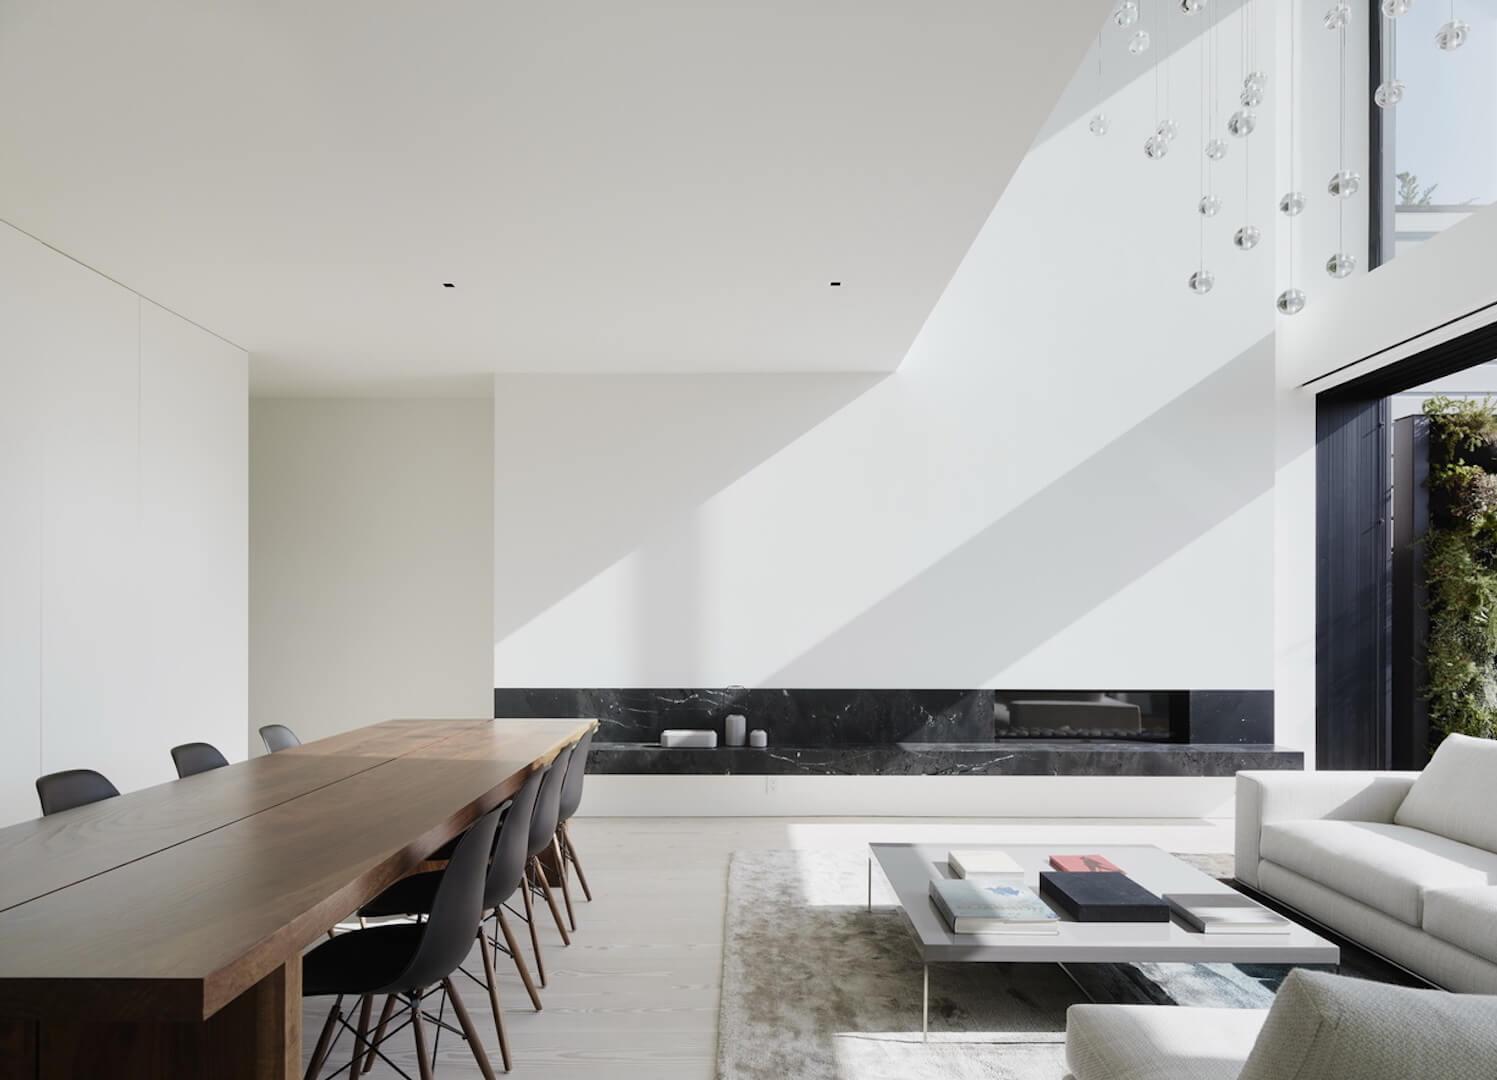 est living edmonds lee architects remember house 12